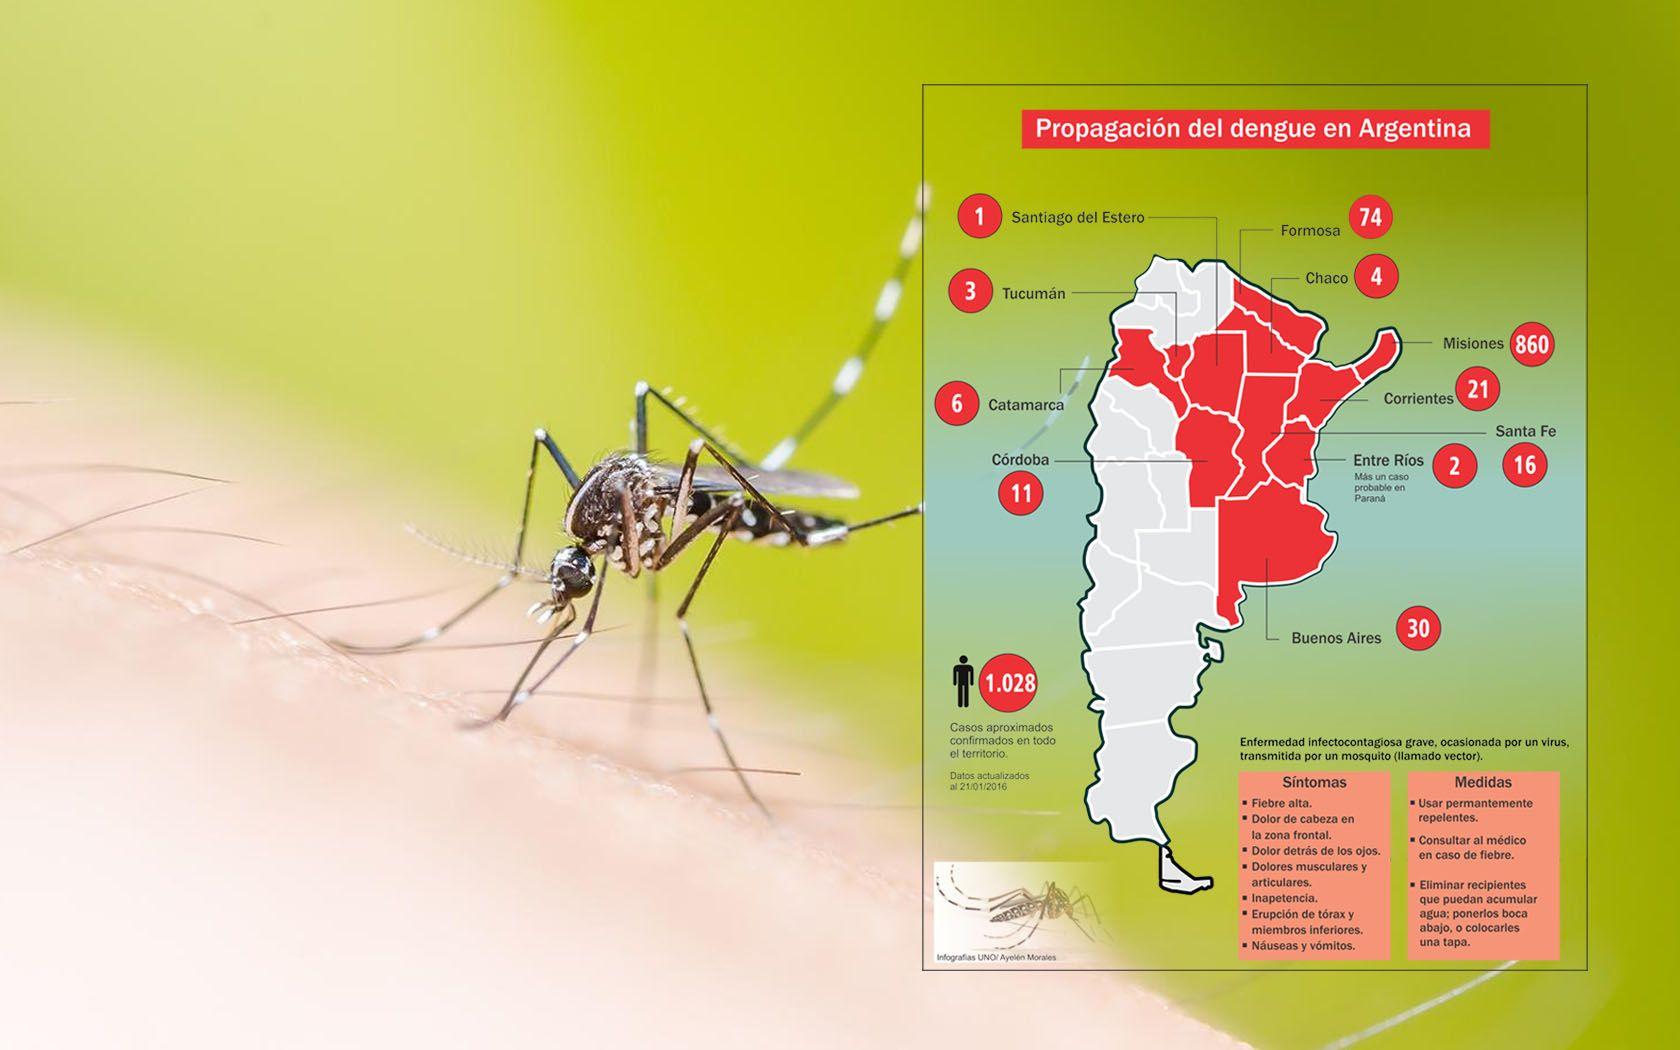 El dengue se propaga en el país y extreman medidas en Entre Ríos